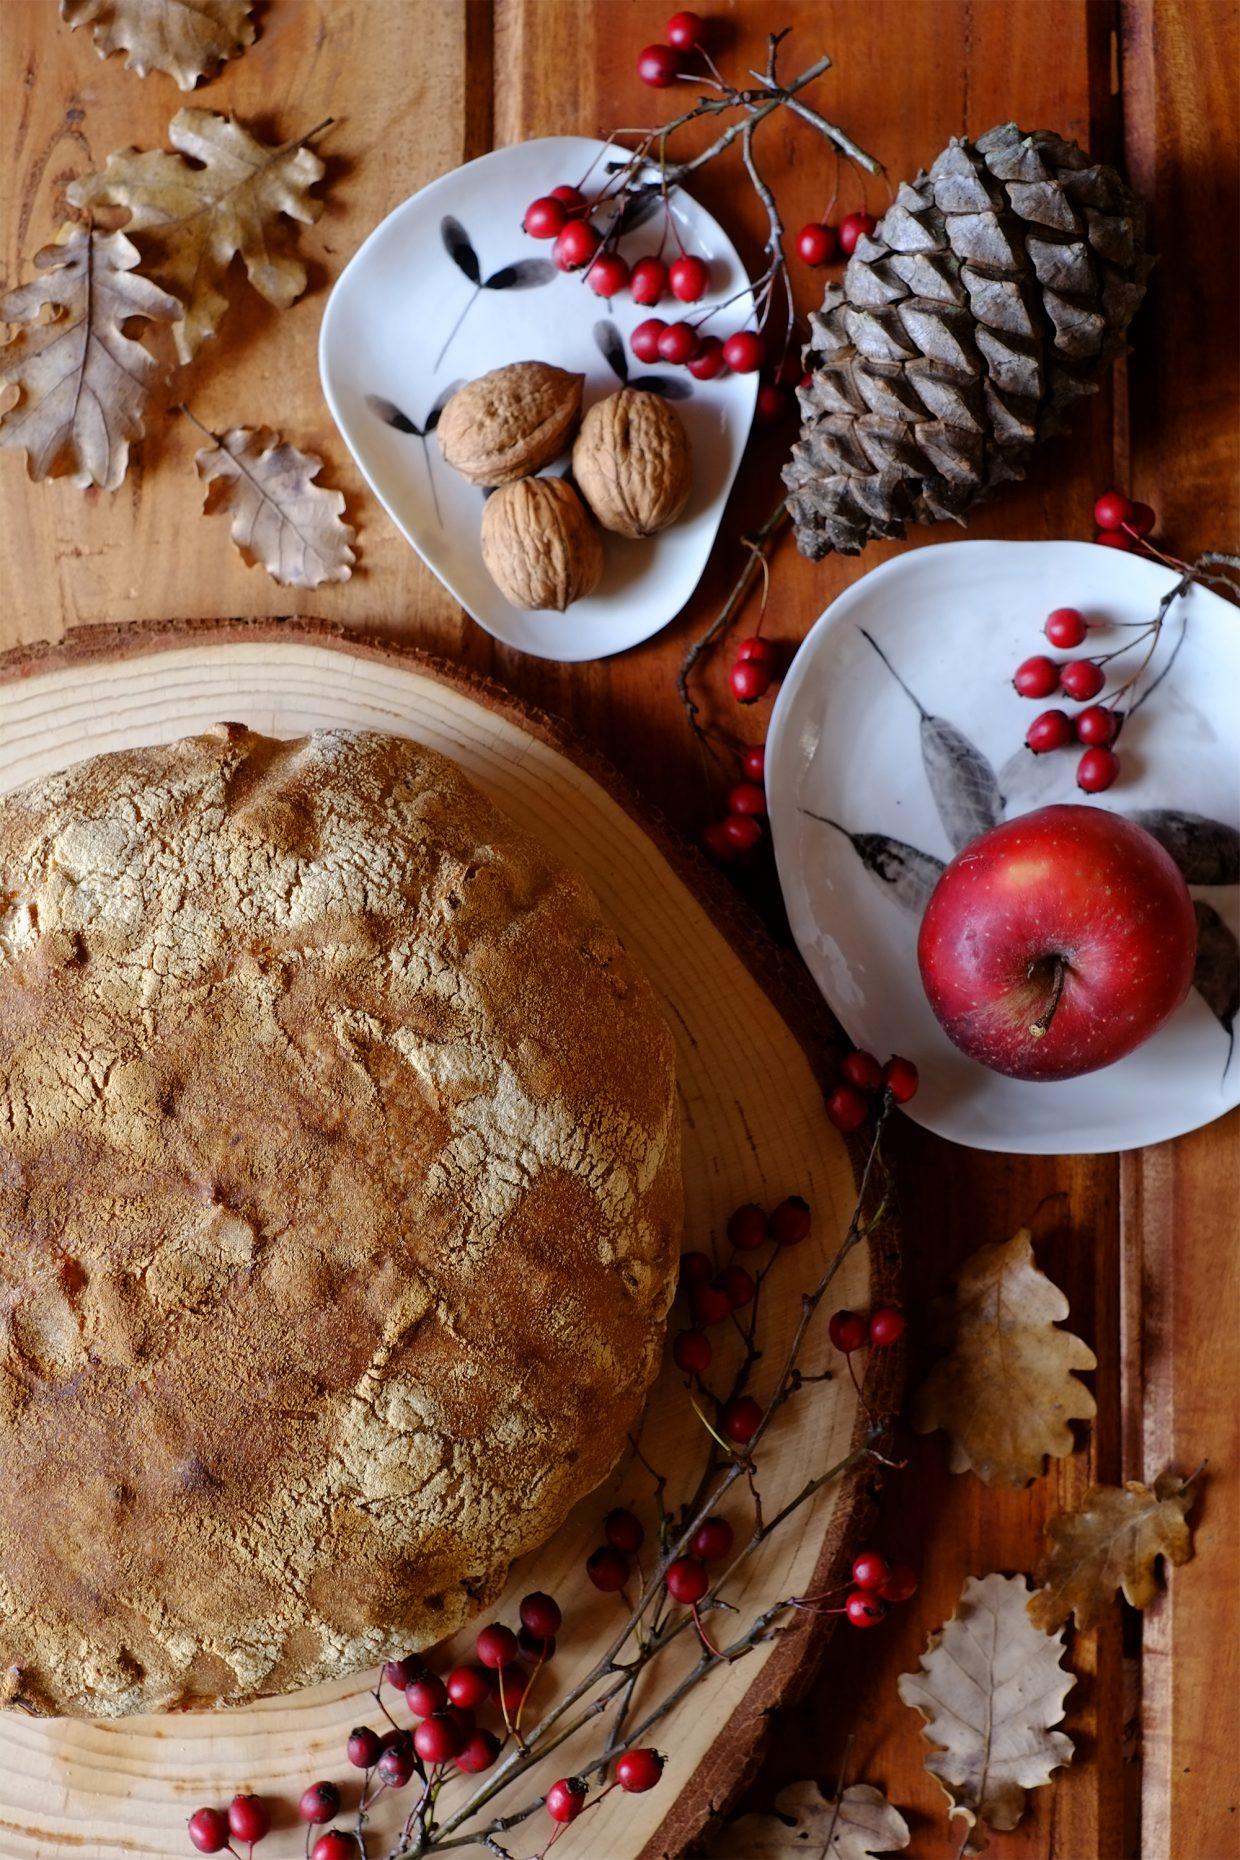 Pane semintegrale con mele e noci, nel silenzio di Gennaio 12